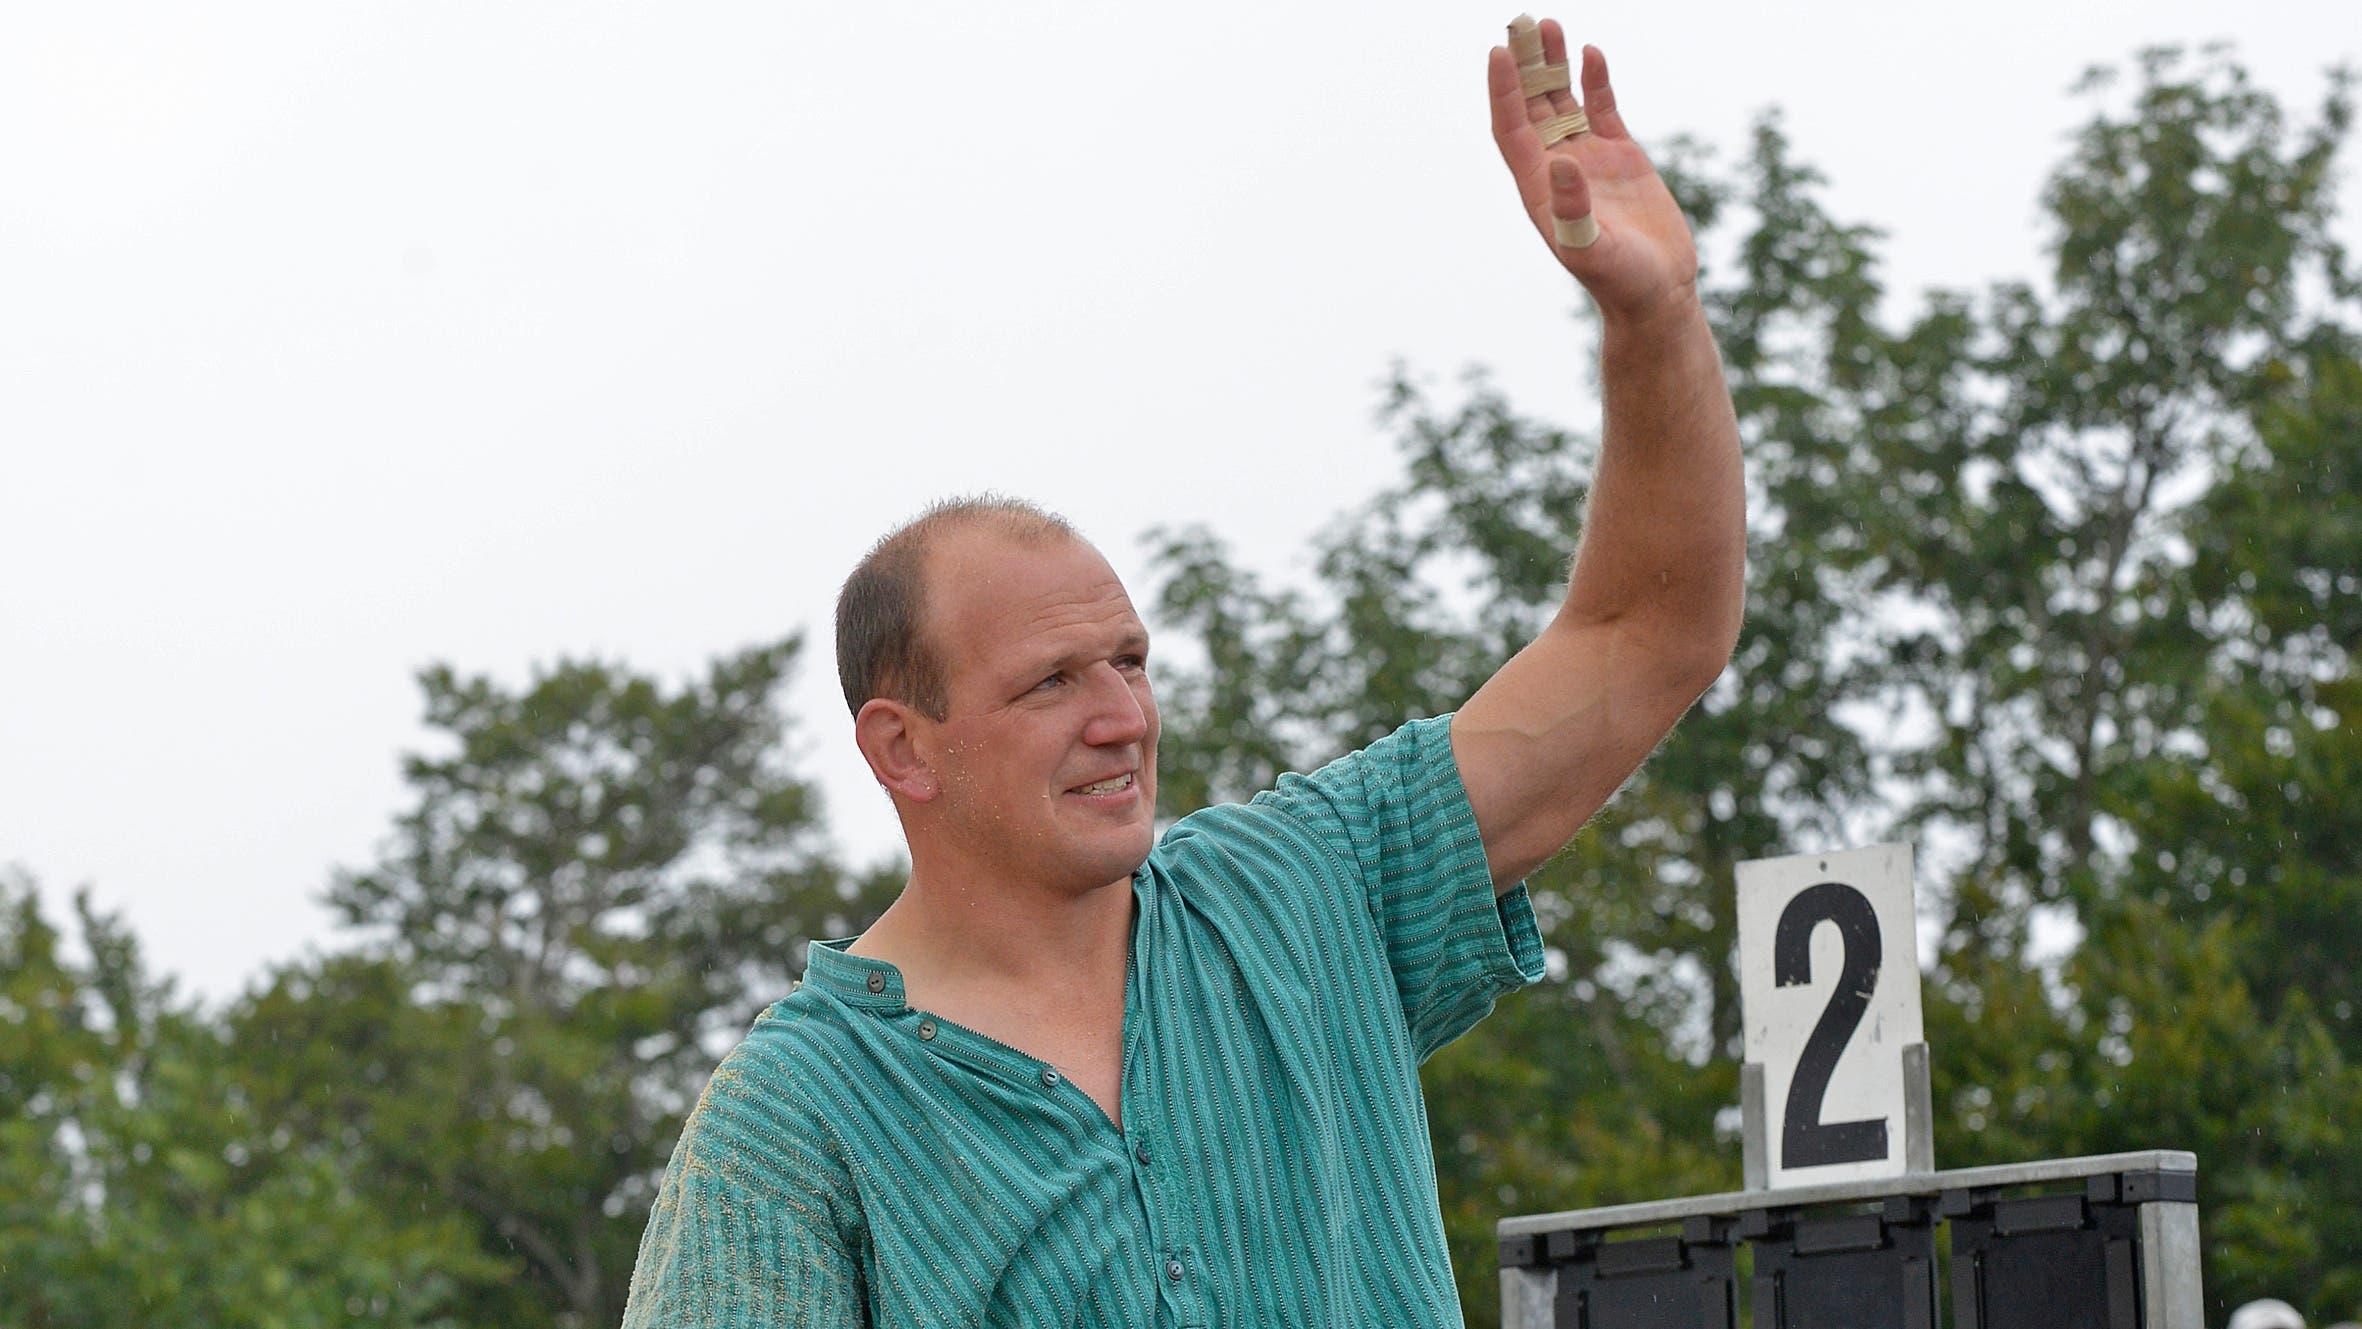 Bruno Gisler, hier von seinen Solothurner Schwingerkollegen aus der Arena getragen, verabschiedete sich nach 127 Kranzgewinnen mit Tränen in den Augen aus den Sägemehlringen.